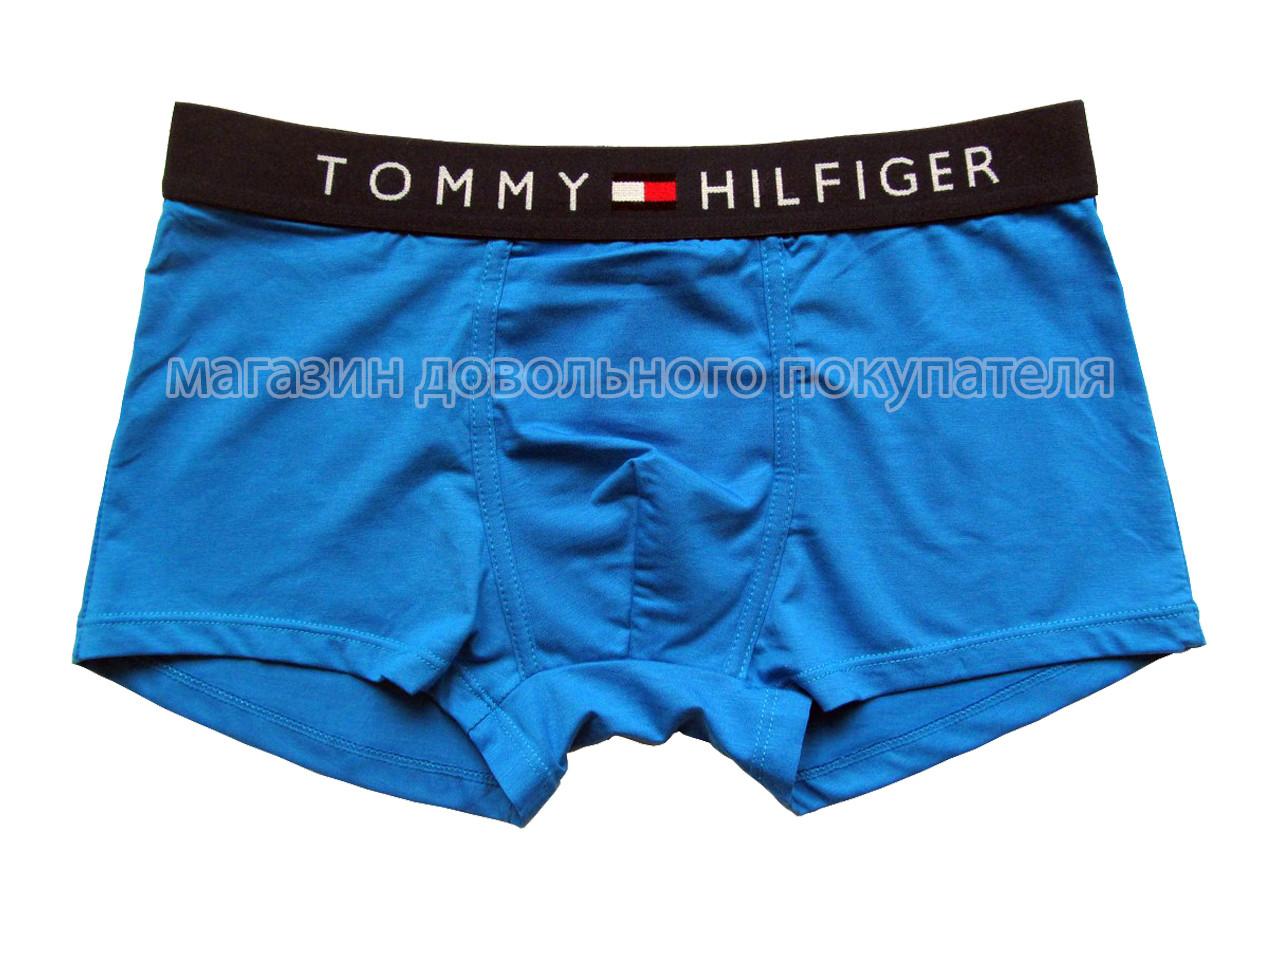 Мужские трусы боксёры Tommy Hilfiger (реплика) голубые